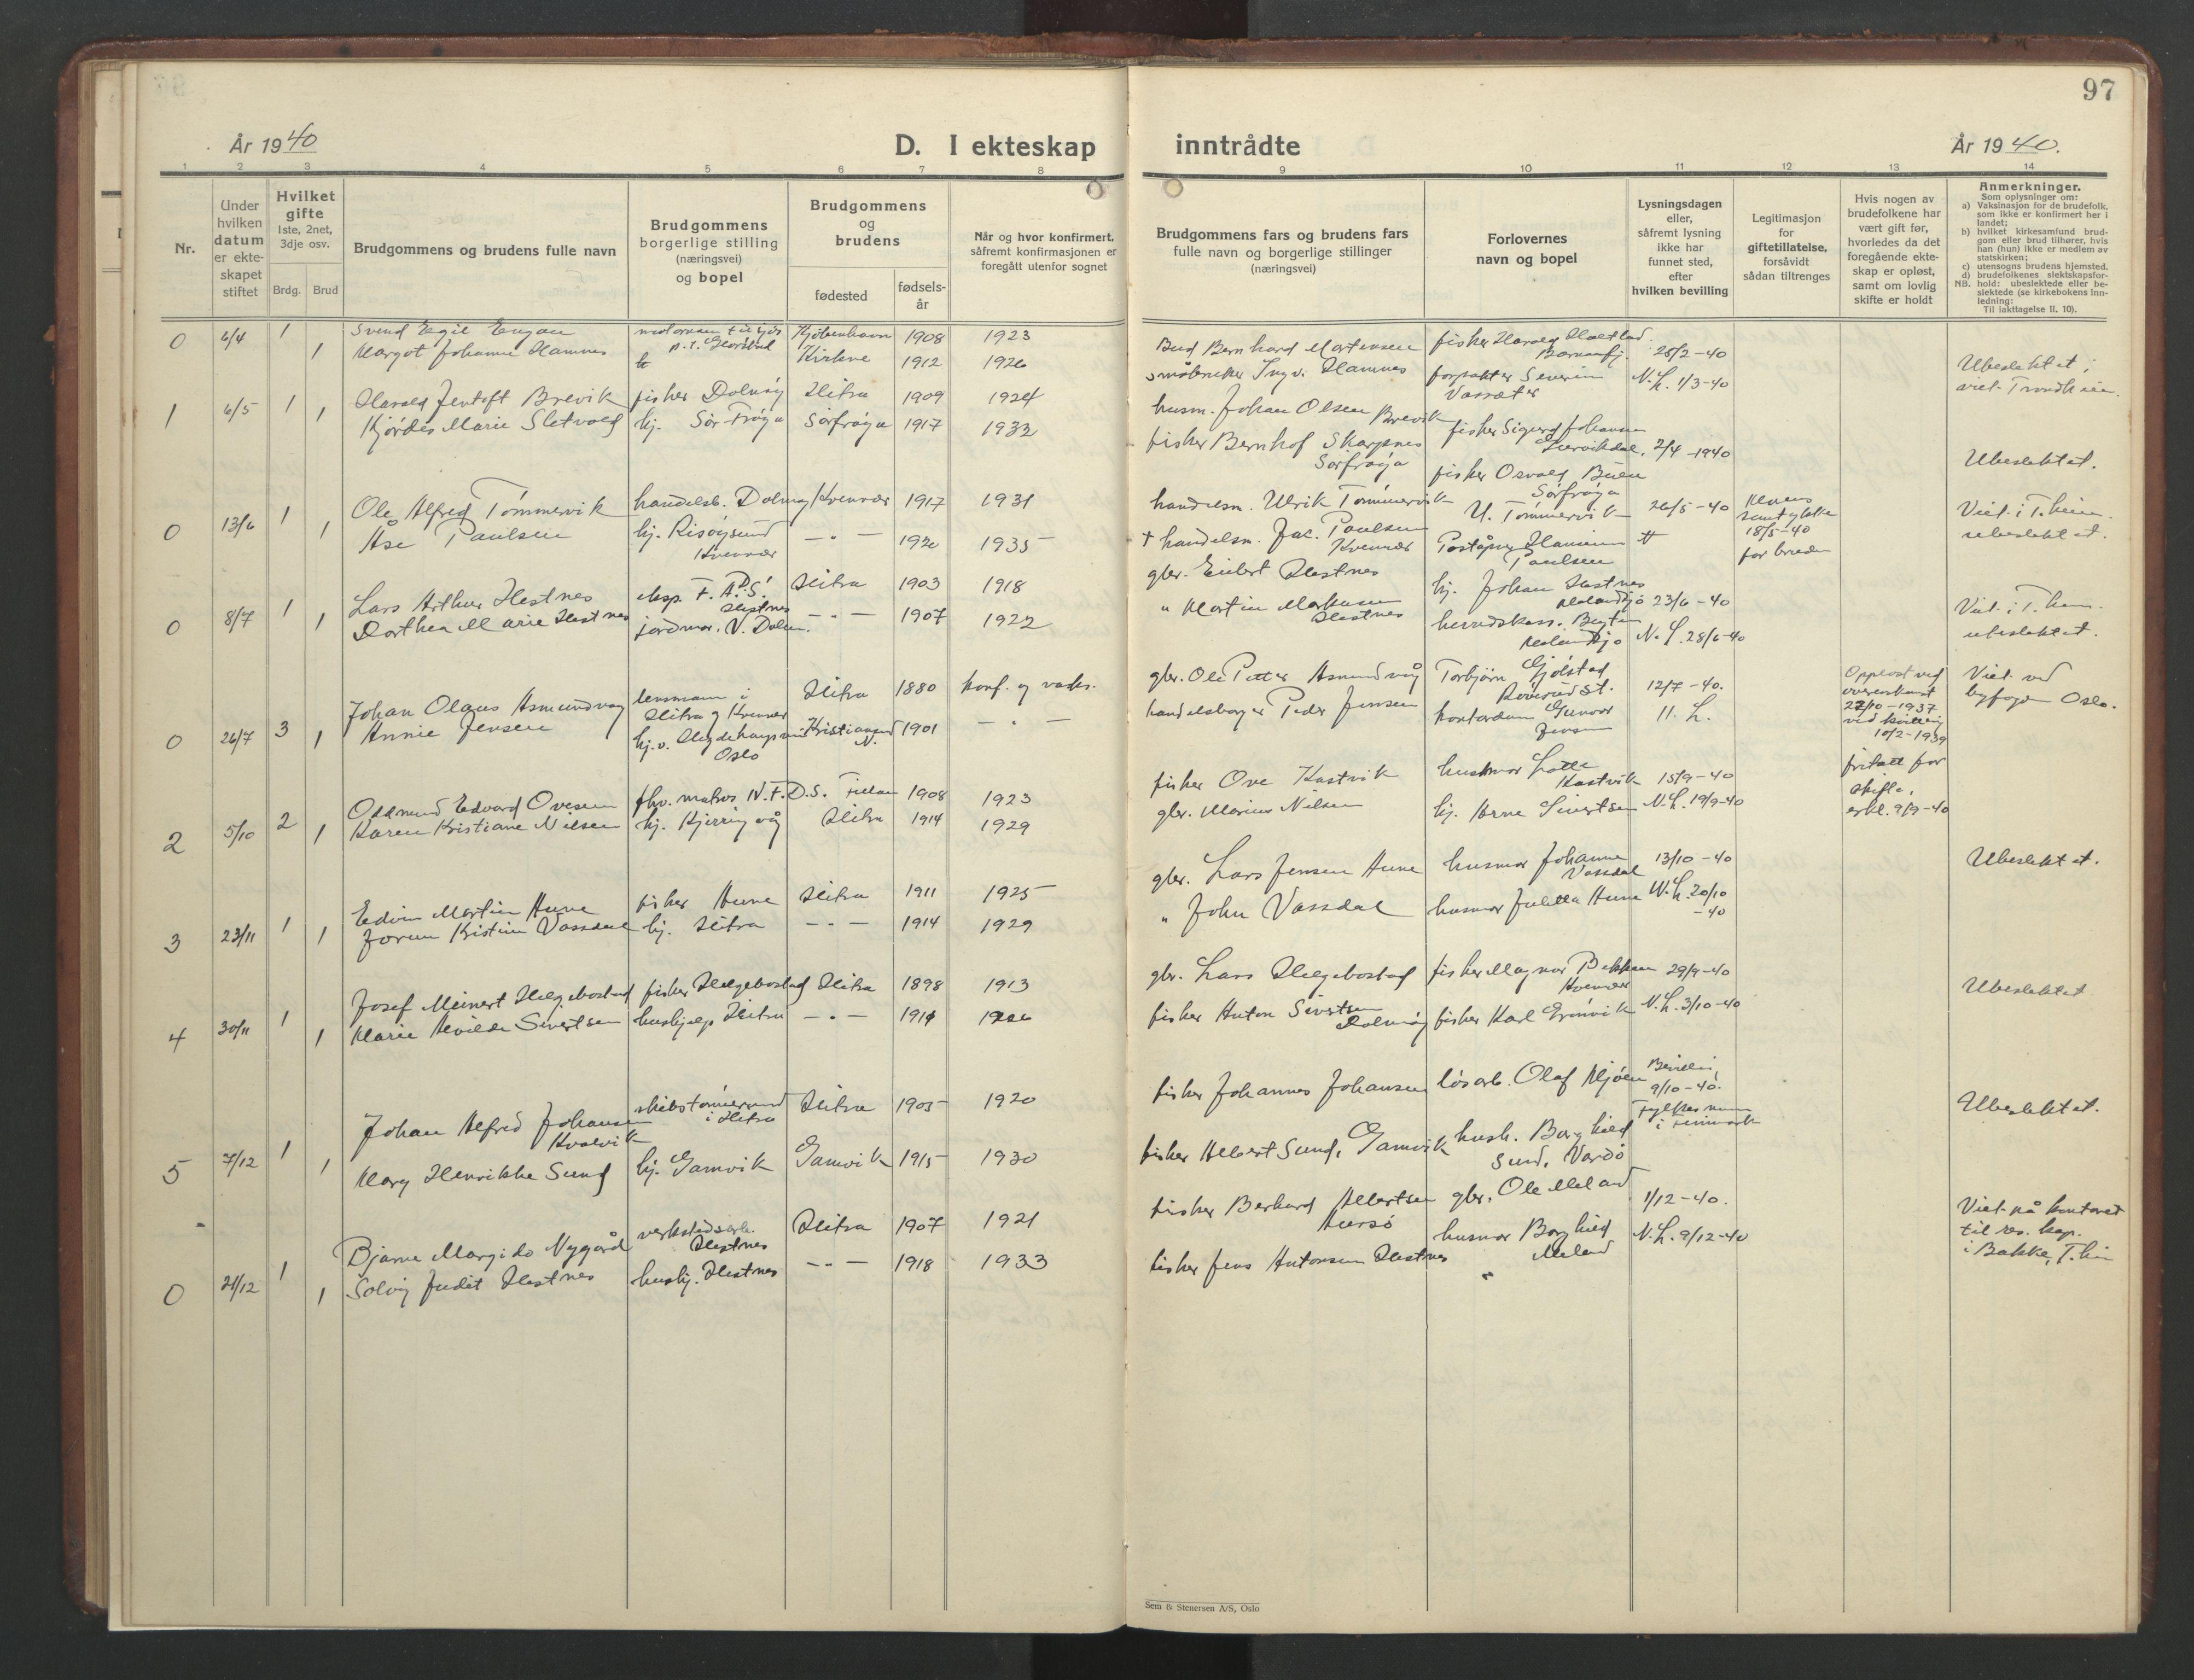 SAT, Ministerialprotokoller, klokkerbøker og fødselsregistre - Sør-Trøndelag, 634/L0544: Klokkerbok nr. 634C06, 1927-1948, s. 97